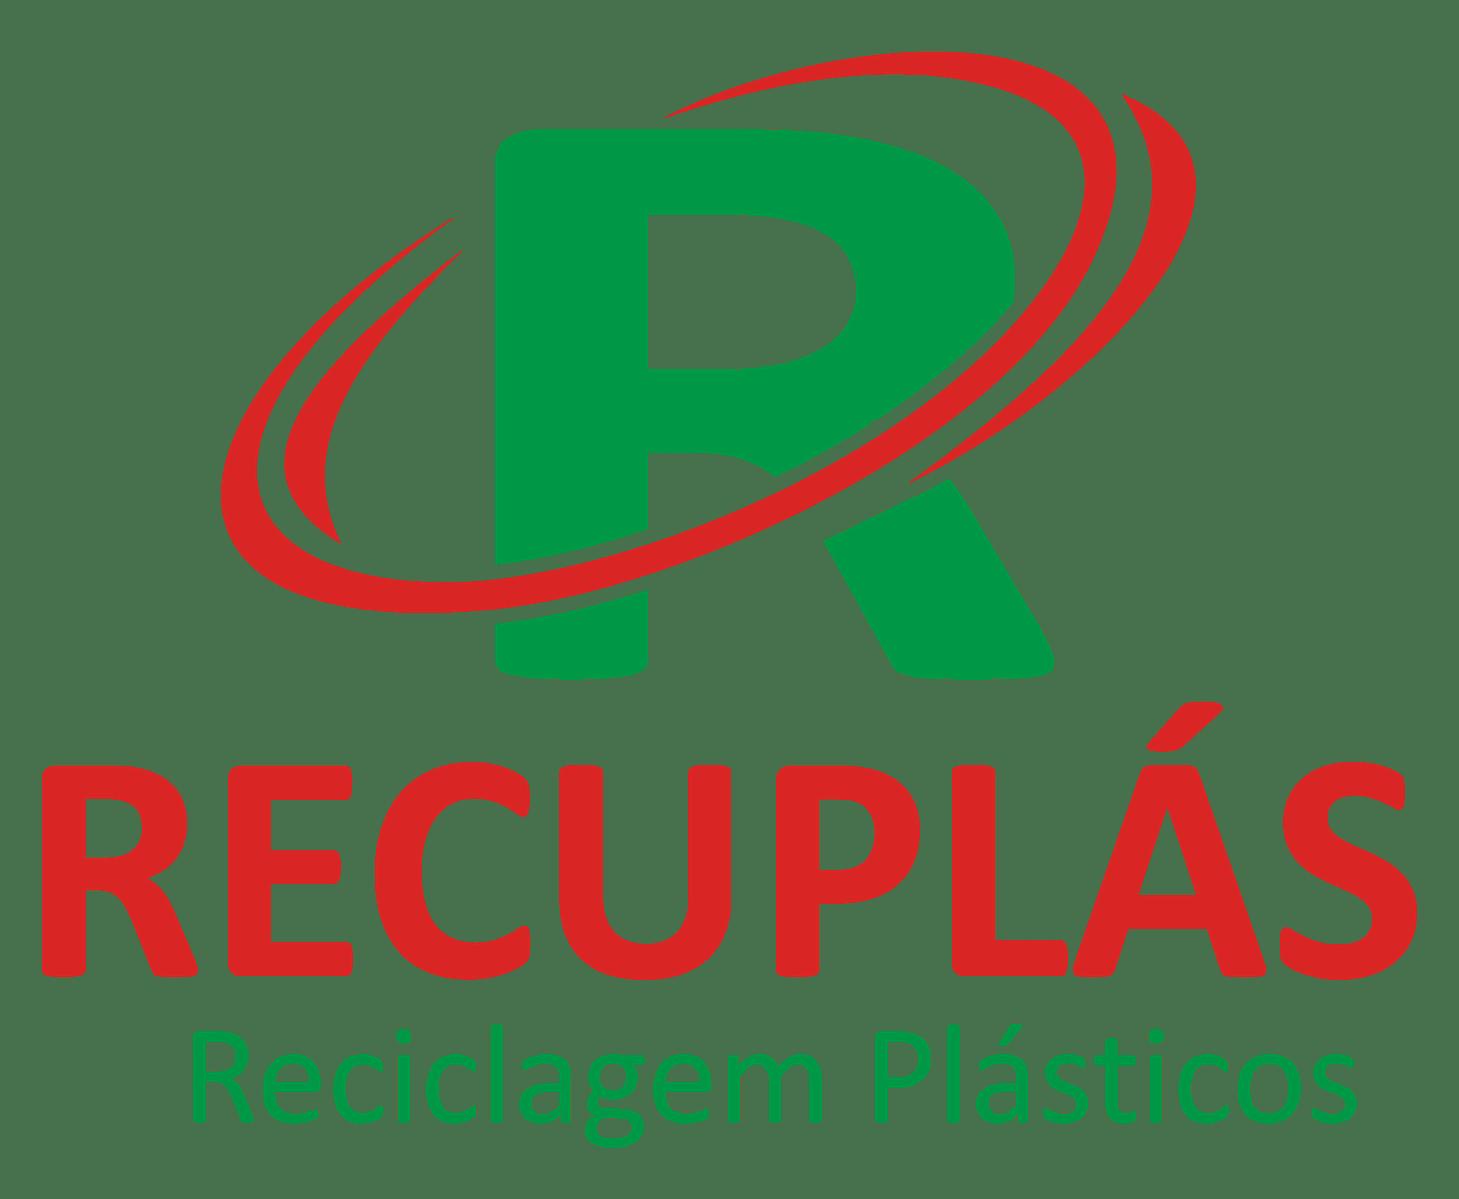 Recuplás-Reciclagem de Plásticos Lda